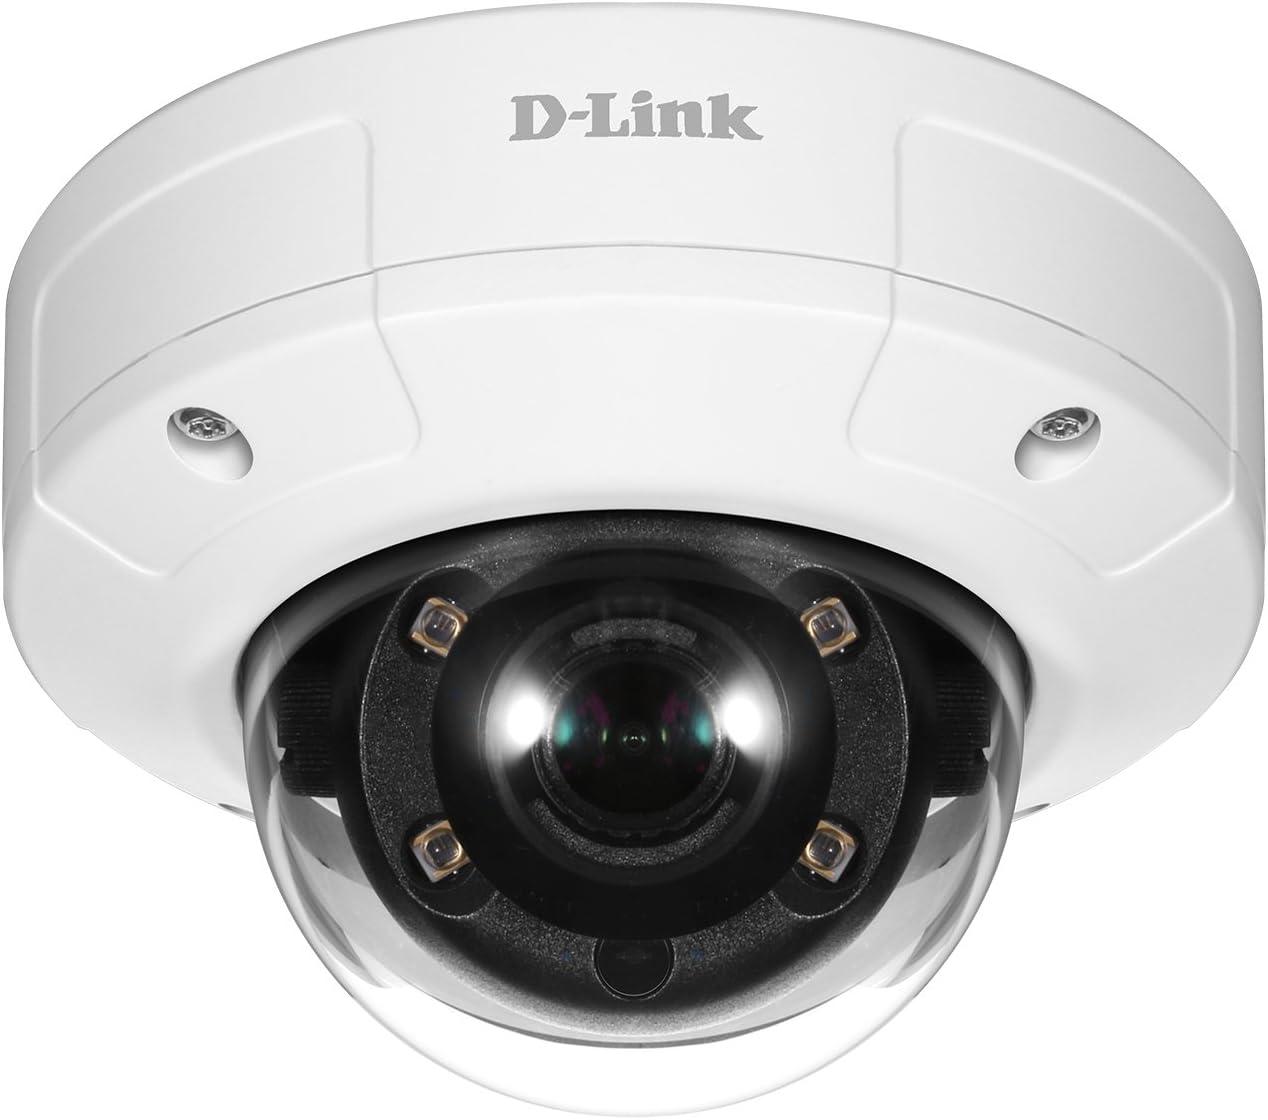 D Link Dcs 4633ev Poe Überwachungskamera Aufnahmen In Hd Qualität Speziell Für Den Außenbereich Tag Und